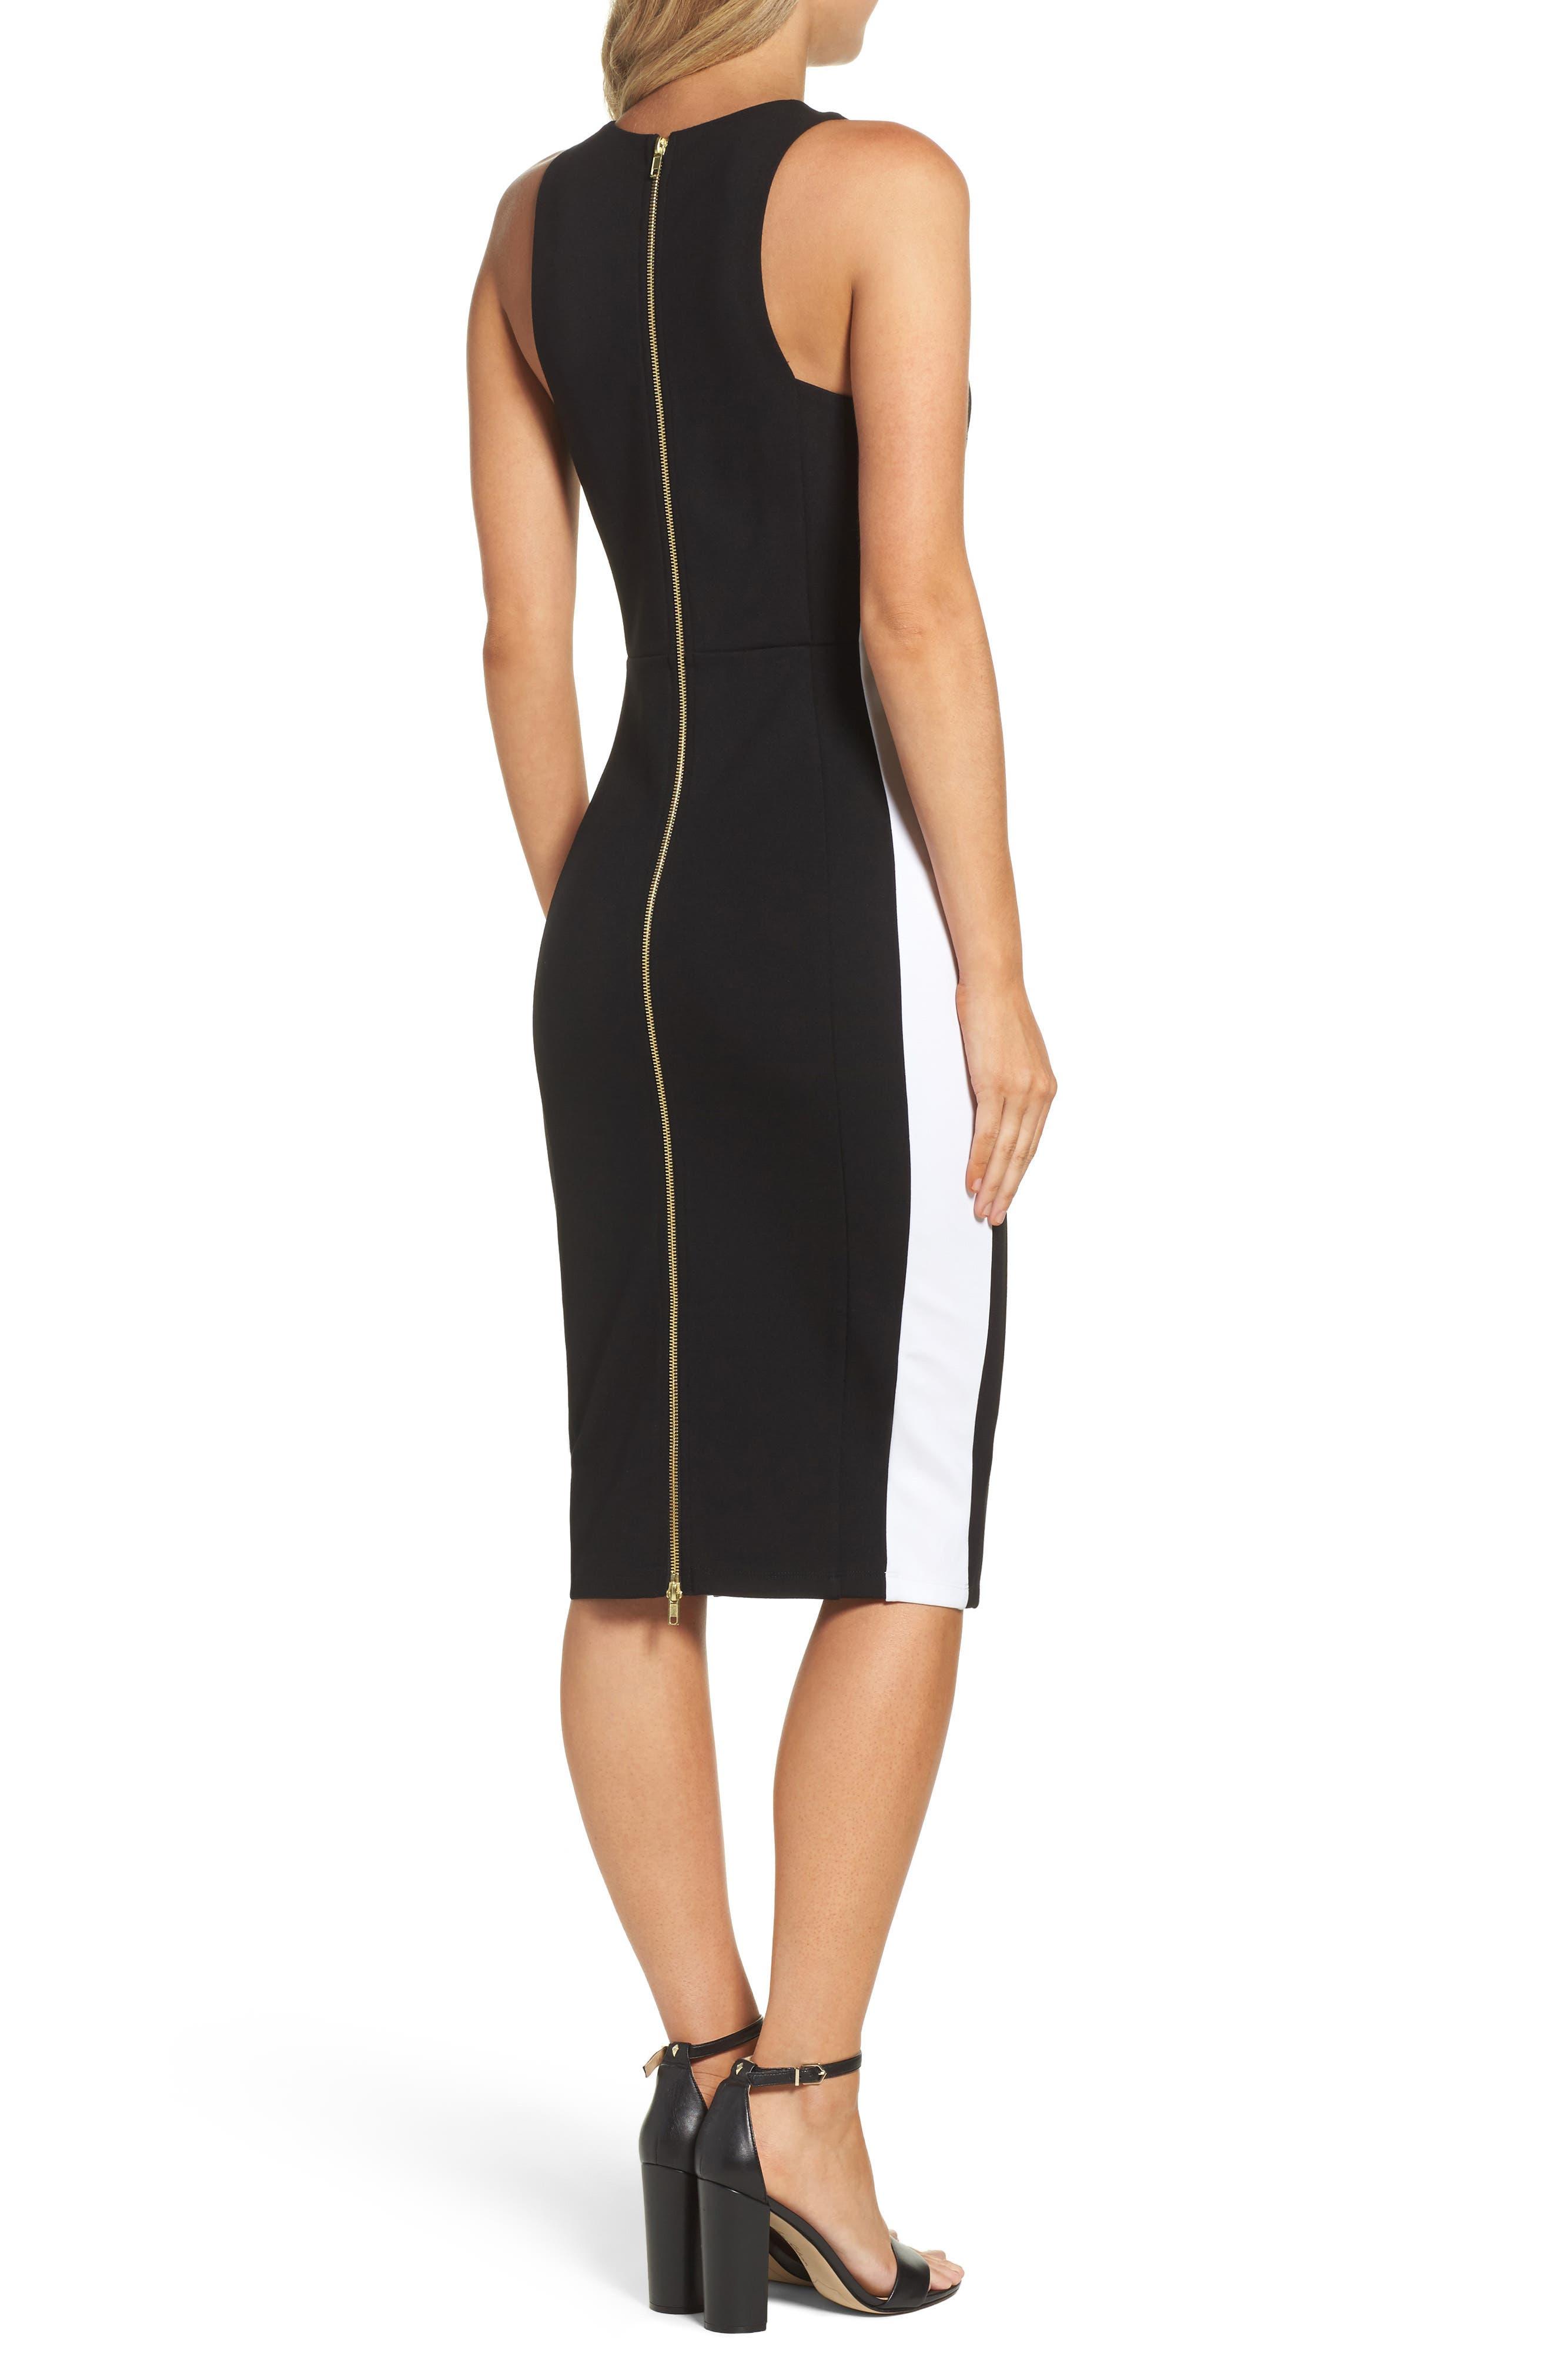 Orlanda Ponte Knit Sheath Dress,                             Alternate thumbnail 2, color,                             Black/ White